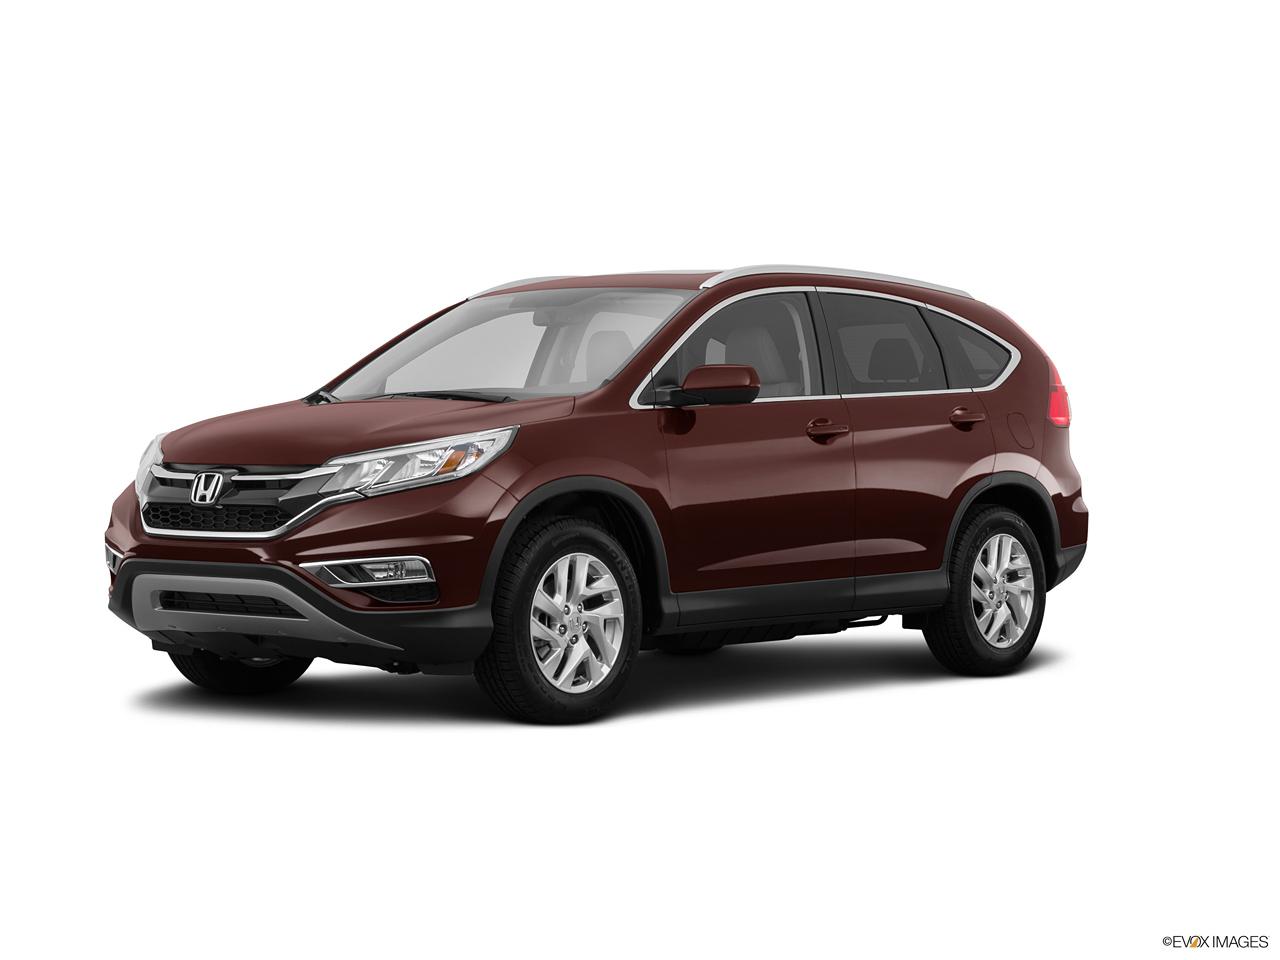 Honda crv qatar new honda release 2017 2018 for 2014 honda crv oil type